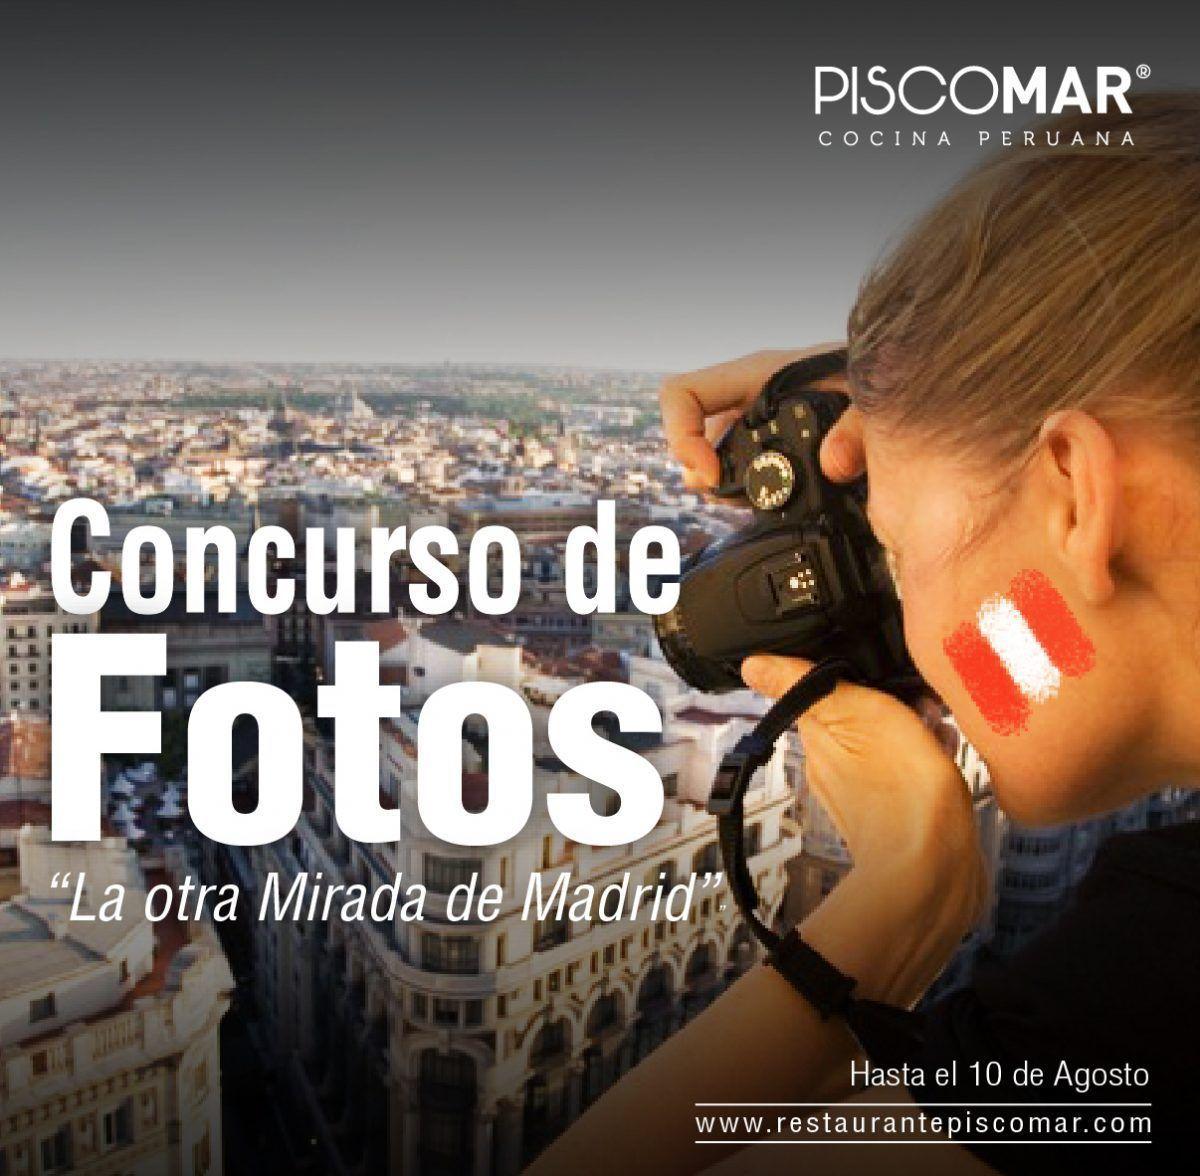 Concurso Fotos la otra mirada